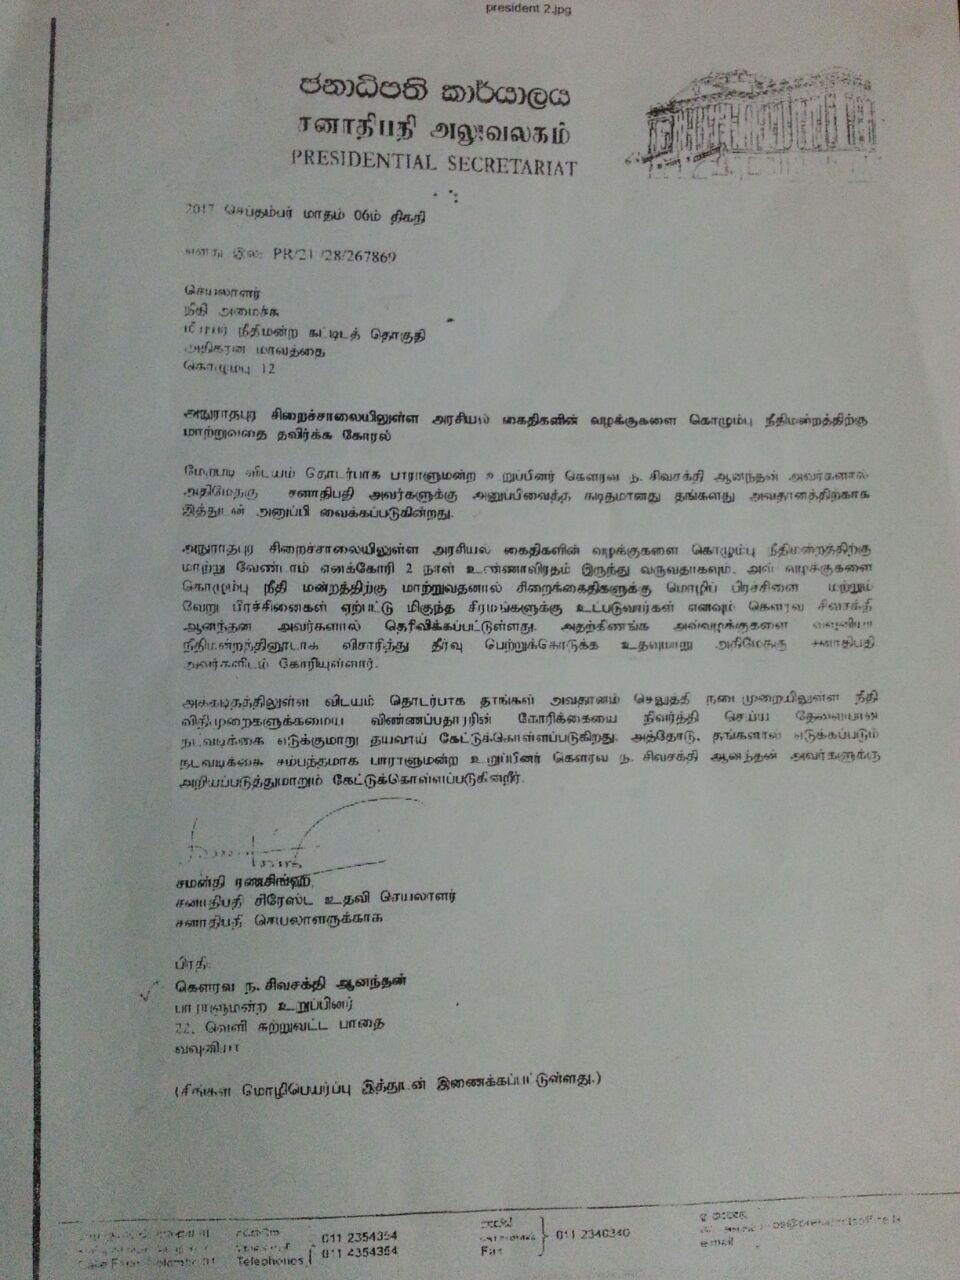 President's letter (2)